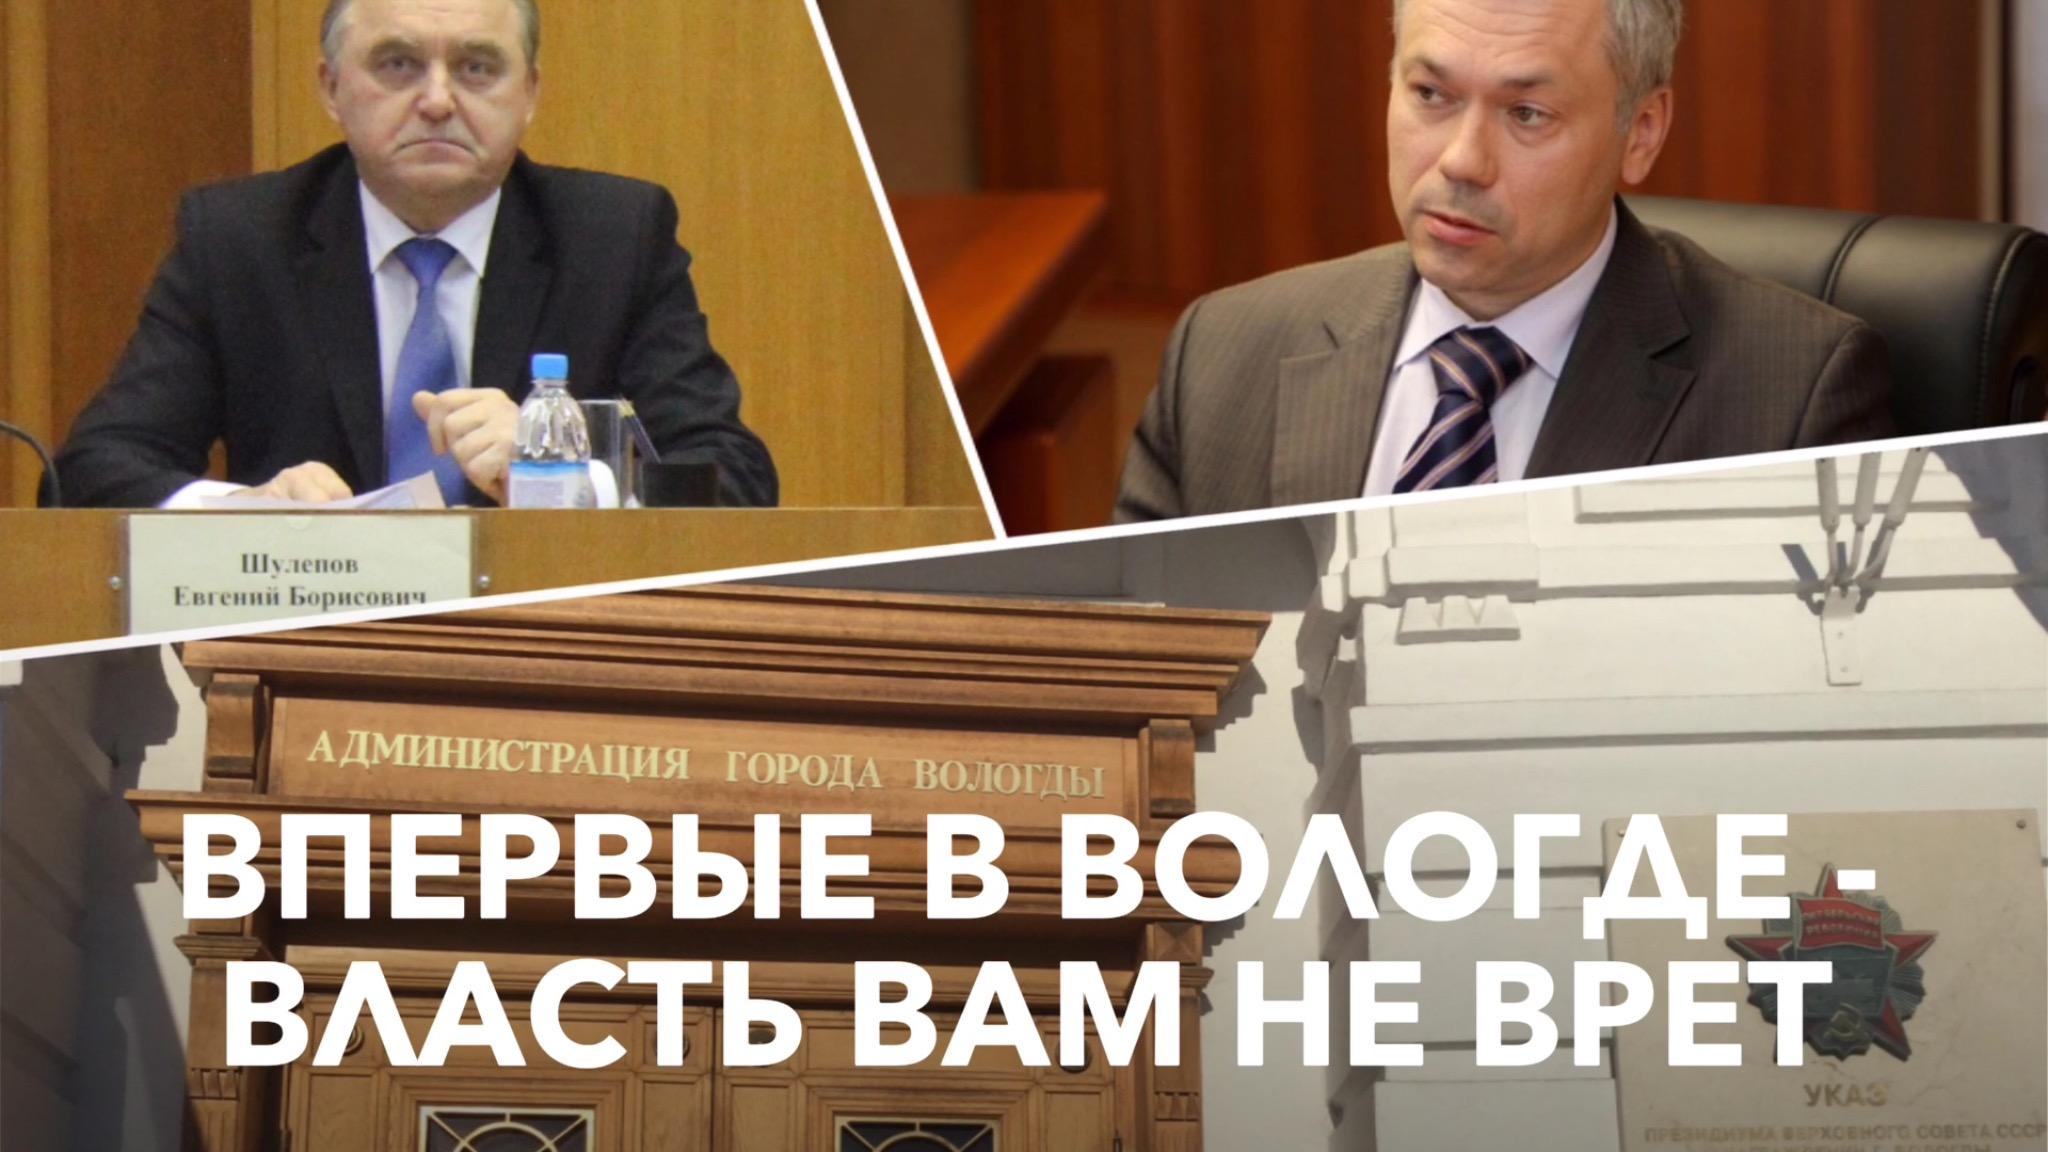 Впервые в Вологде — власть вам не врет